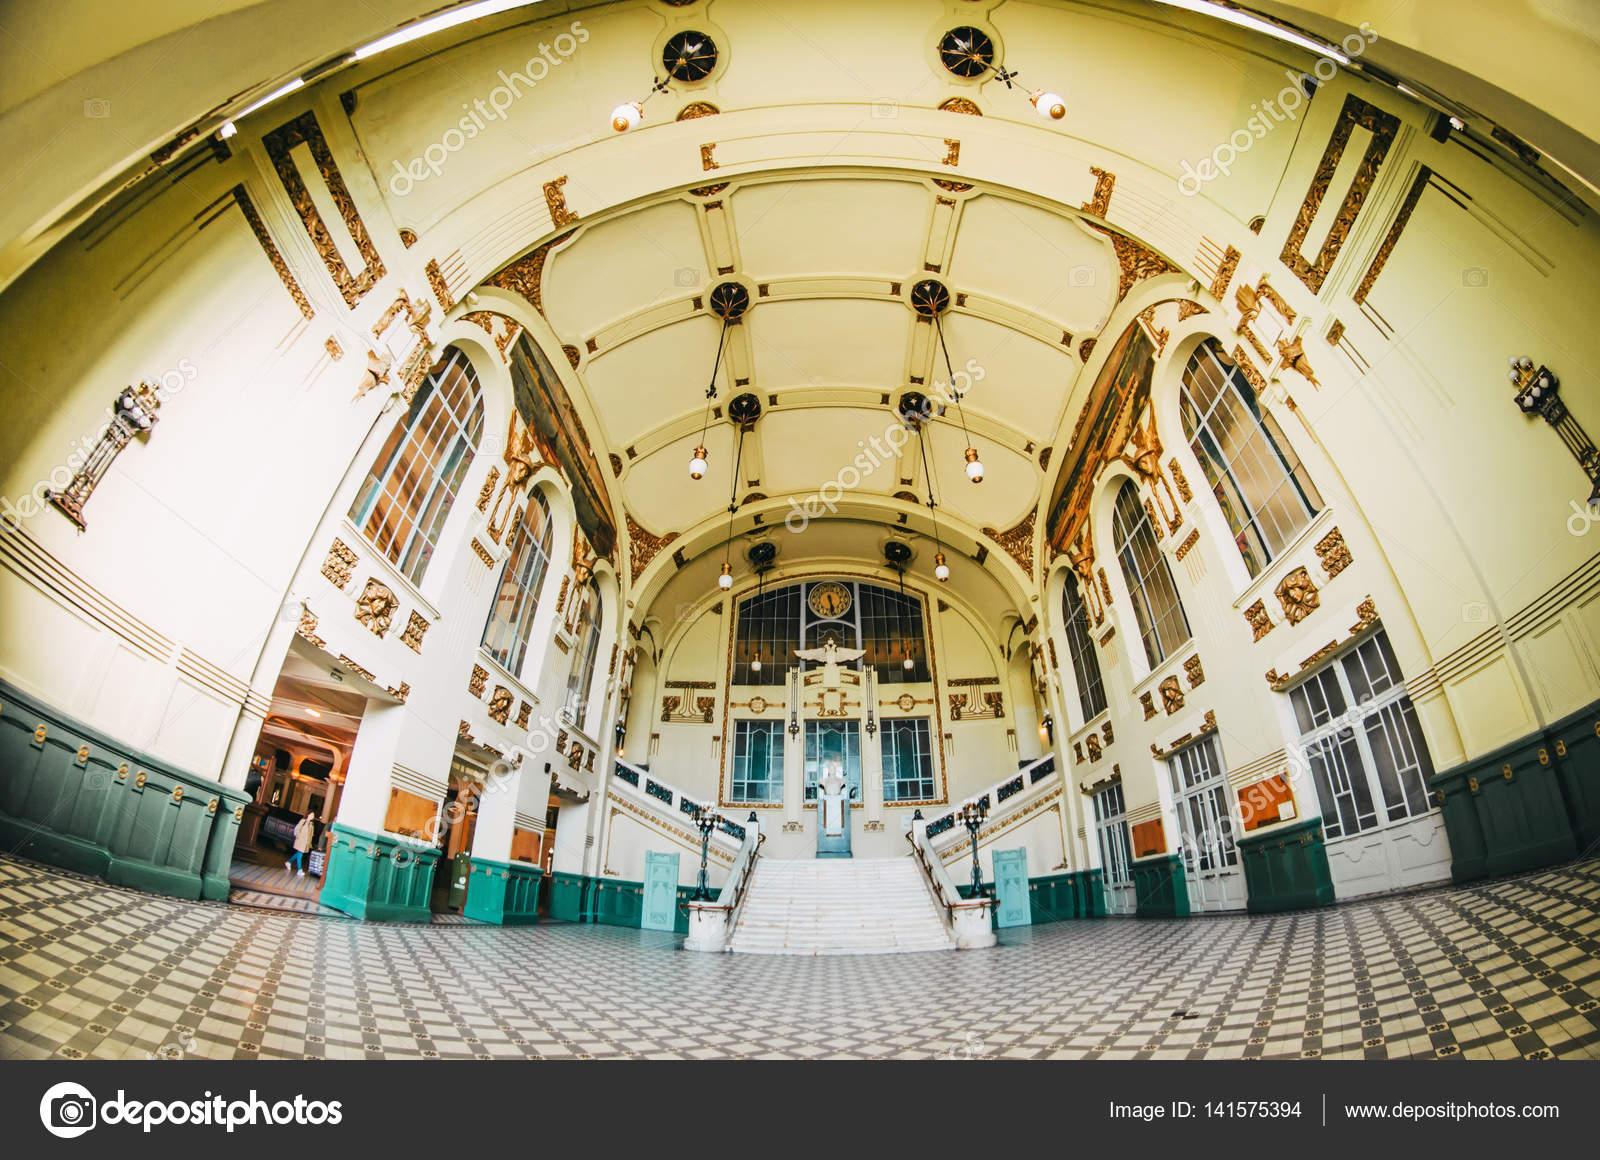 Vordere Haupthalle des Witebsker Bahnhof, das historische Interieur ...